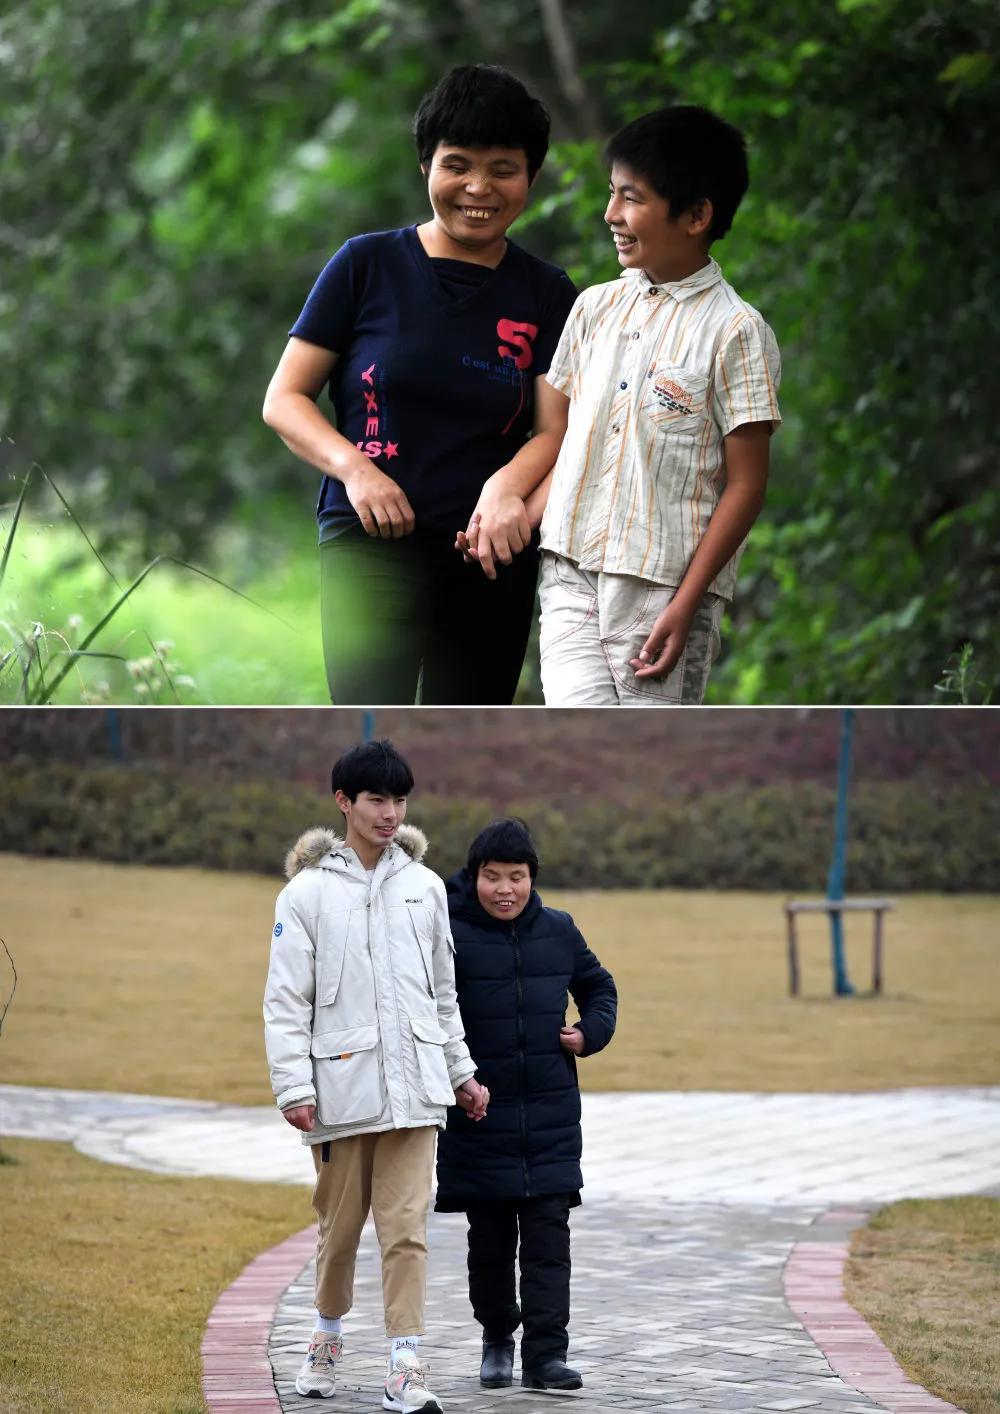 Luôn nắm chặt tay mẹ từ nhỏ cho đến lúc trưởng thành. ảnh Sohu